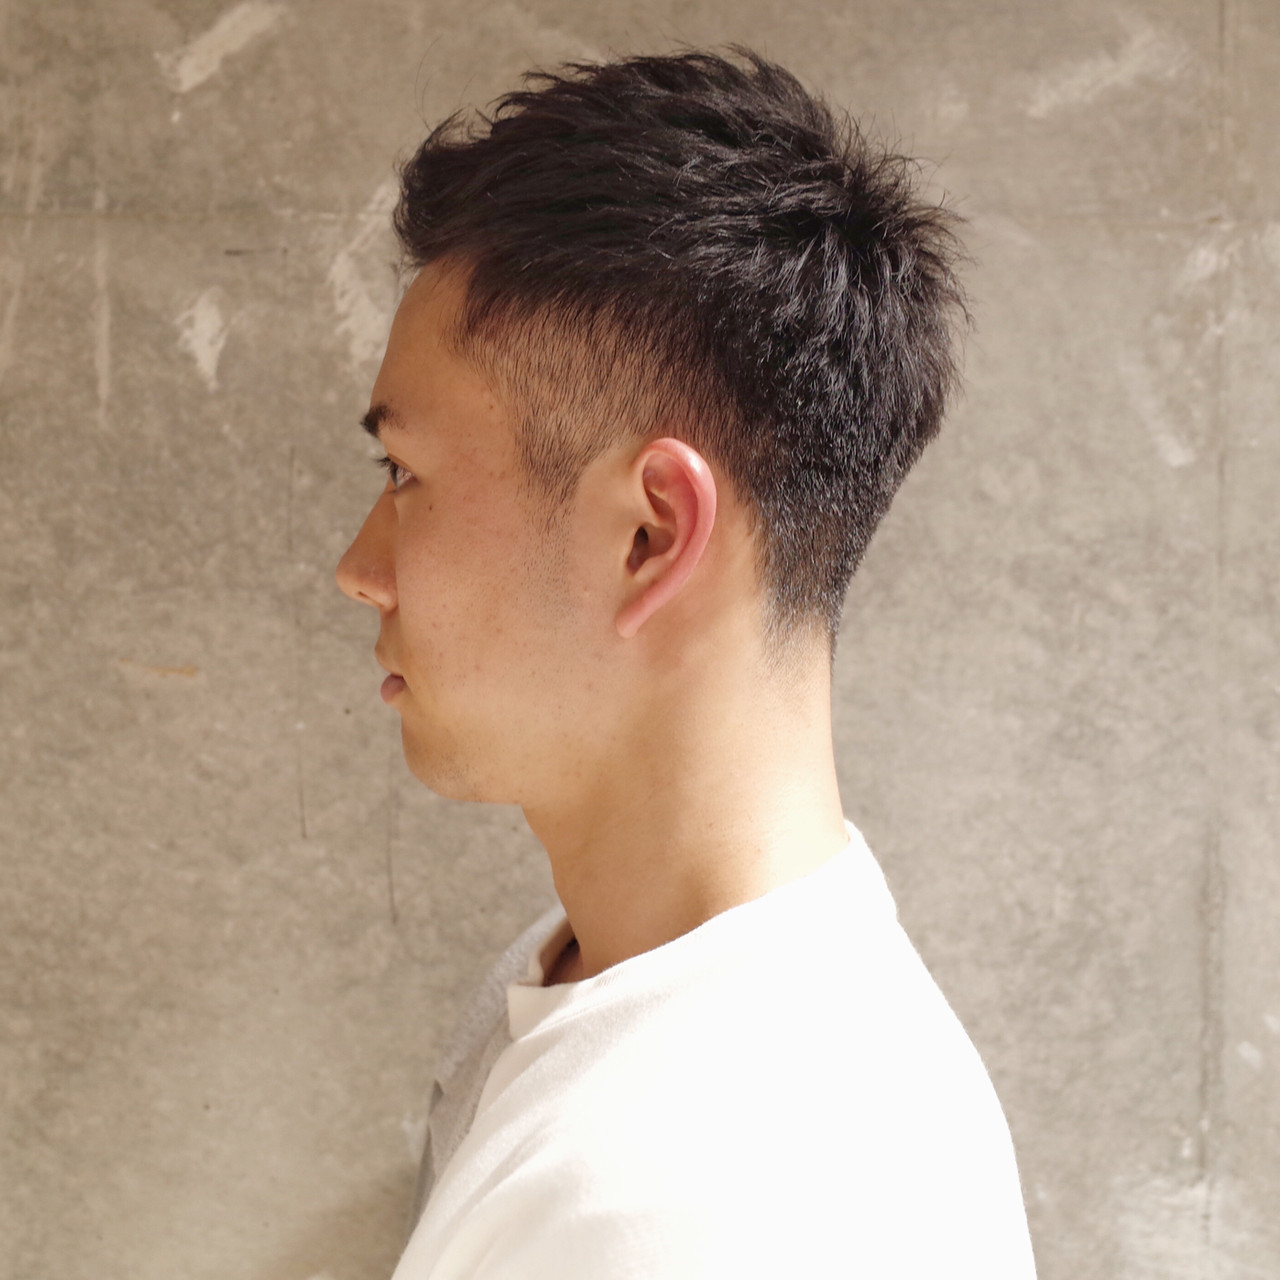 メンズ ショート 刈り上げ メンズショート ヘアスタイルや髪型の写真・画像